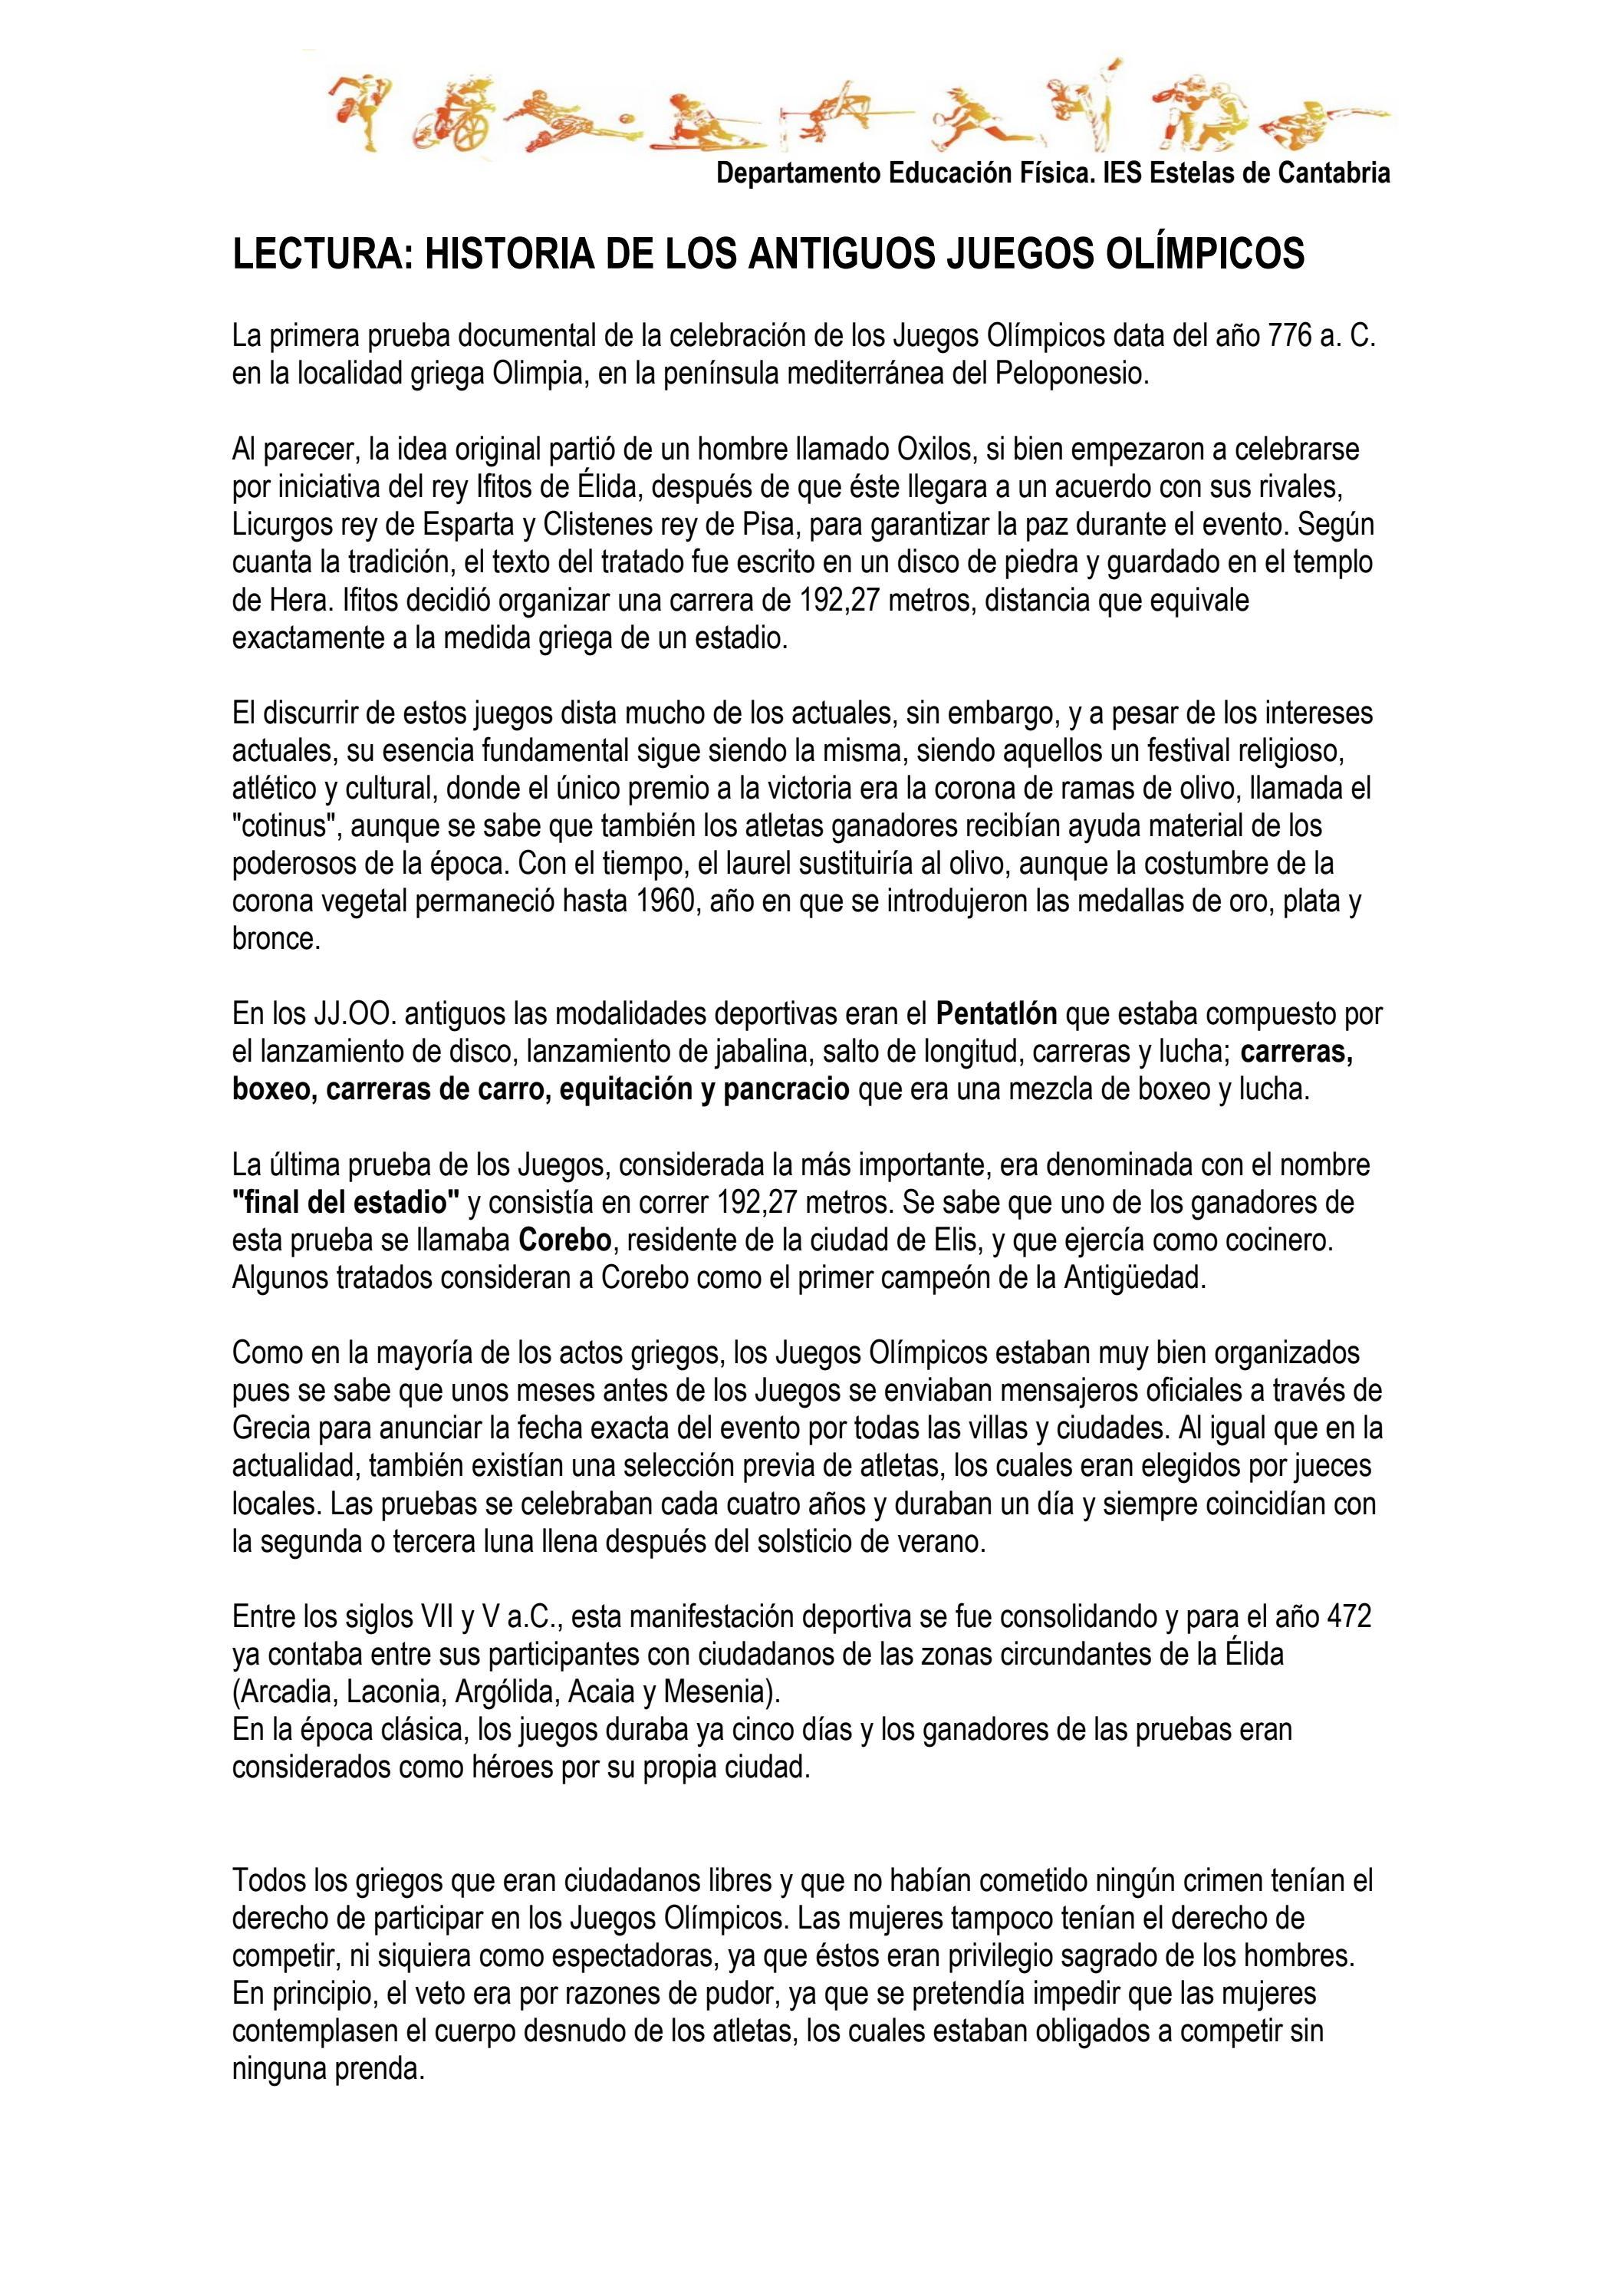 Juegos Olimpicos By Educacion Fisica Issuu